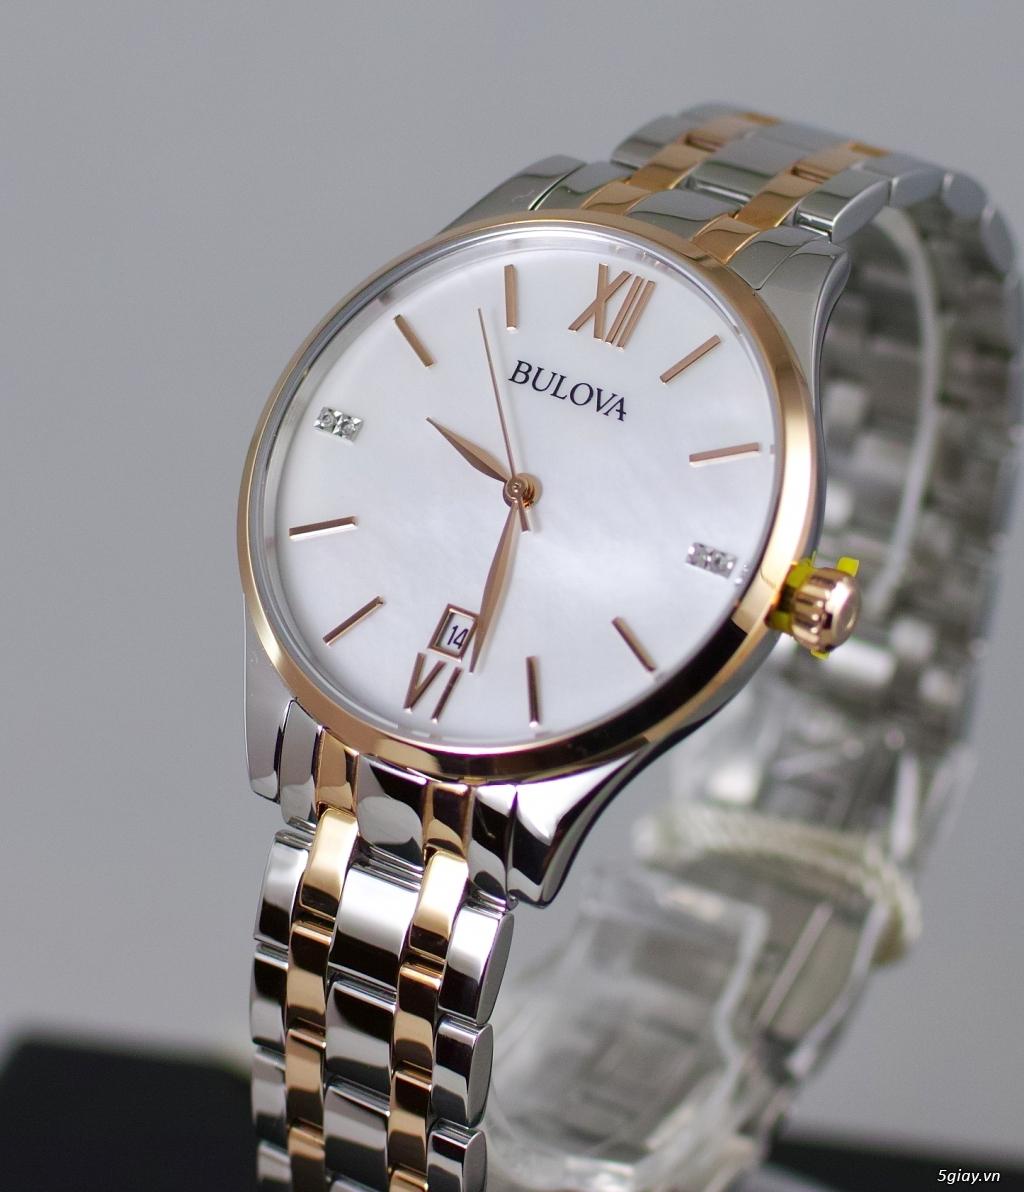 Đồng hồ nữ xách tay chính hãng Seiko,Bulova,Hamilton,MontBlanc,MK,.. - 18